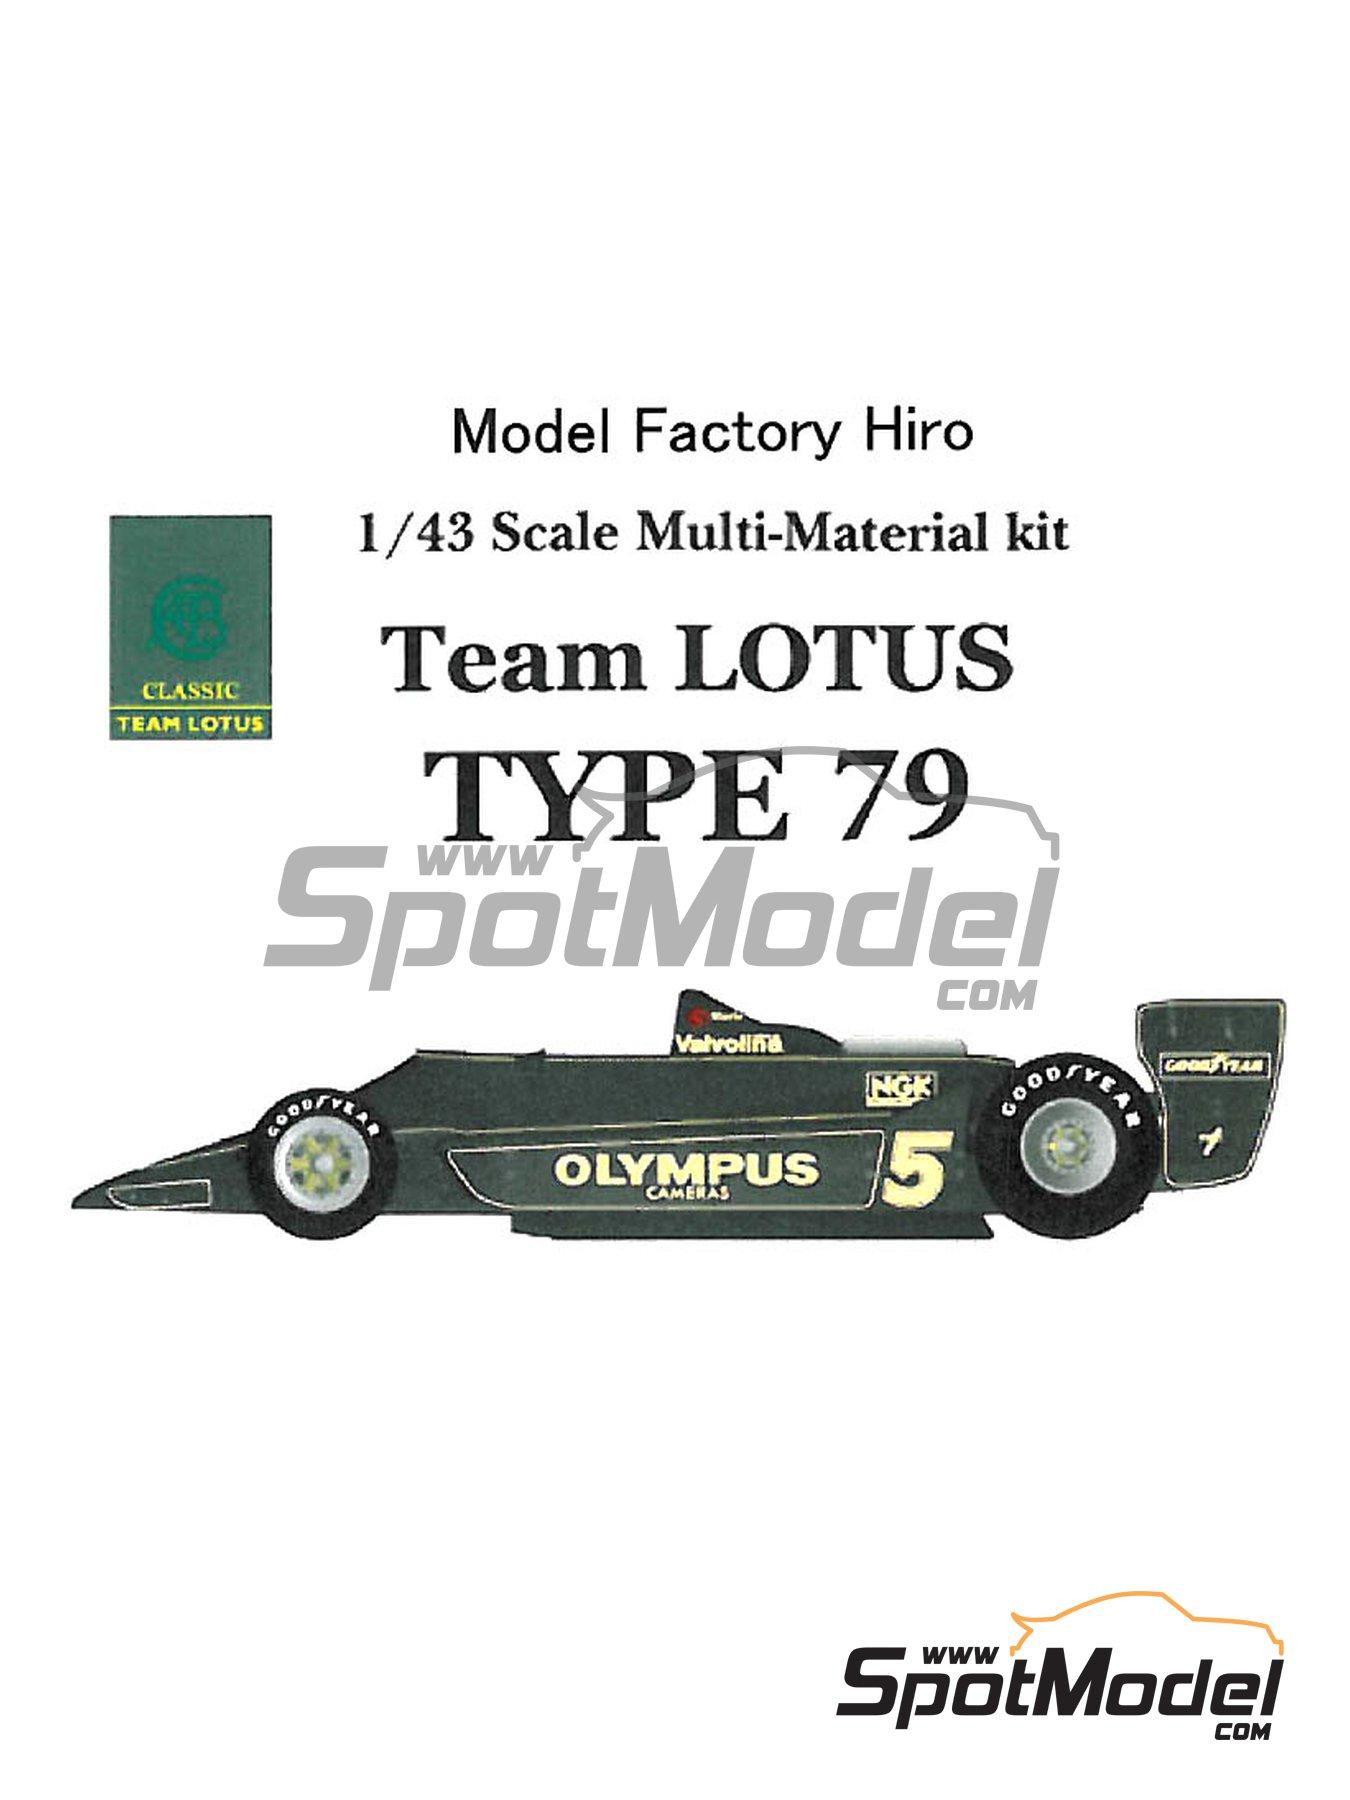 Lotus Ford Type 79 Olympus - Gran Premio de Fórmula 1 de Austria, Gran Premio de Formula 1 de Holanda, Gran Premio de Fórmula 1 de Italia 1978 | Maqueta de coche en escala1/43 fabricado por Model Factory Hiro (ref.MFH-K352, tambien K-352) image